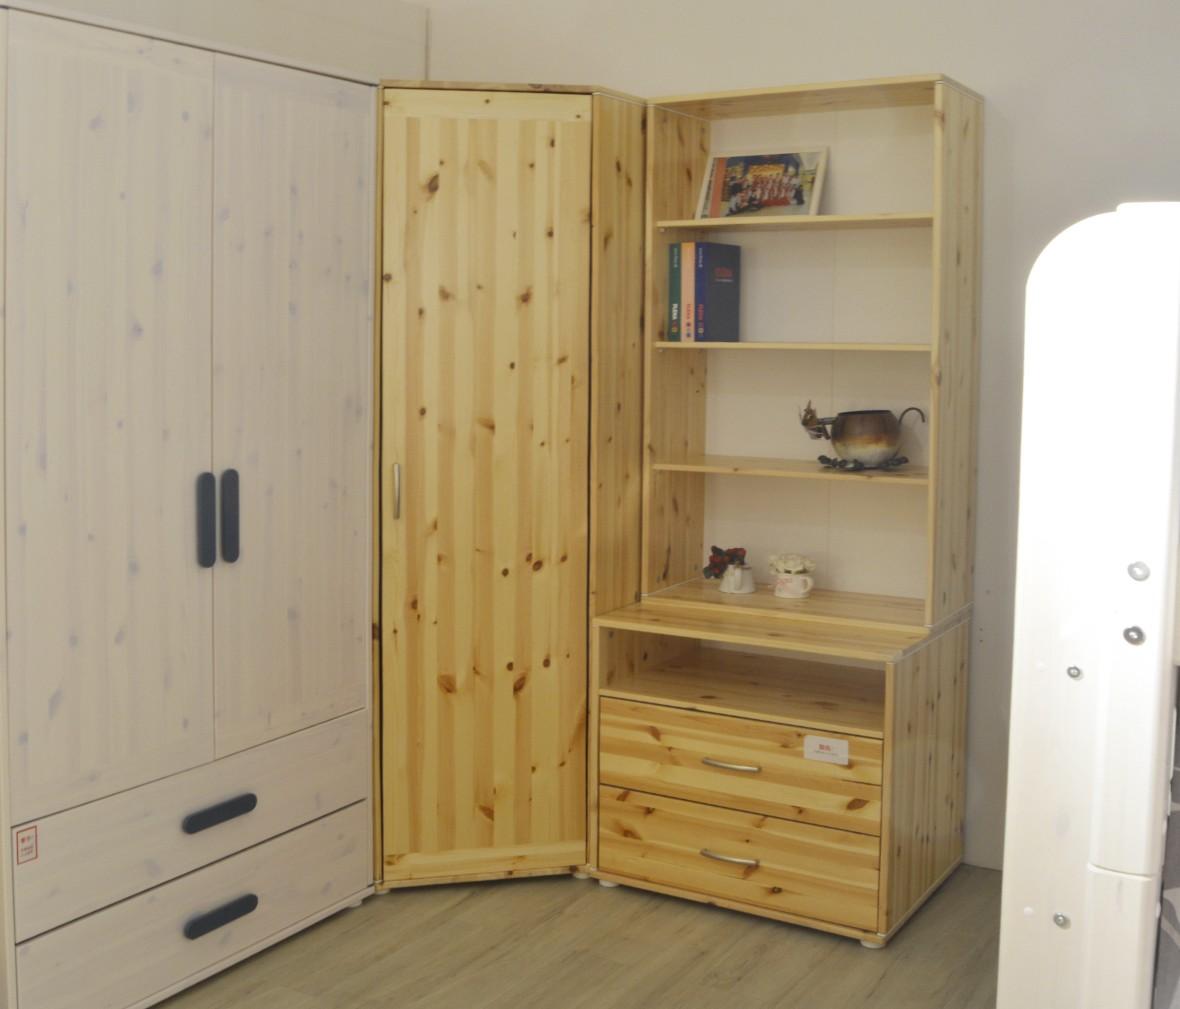 芙莱莎 81-24527-1型号角柜 北欧风格儿童实木角柜 商品情景